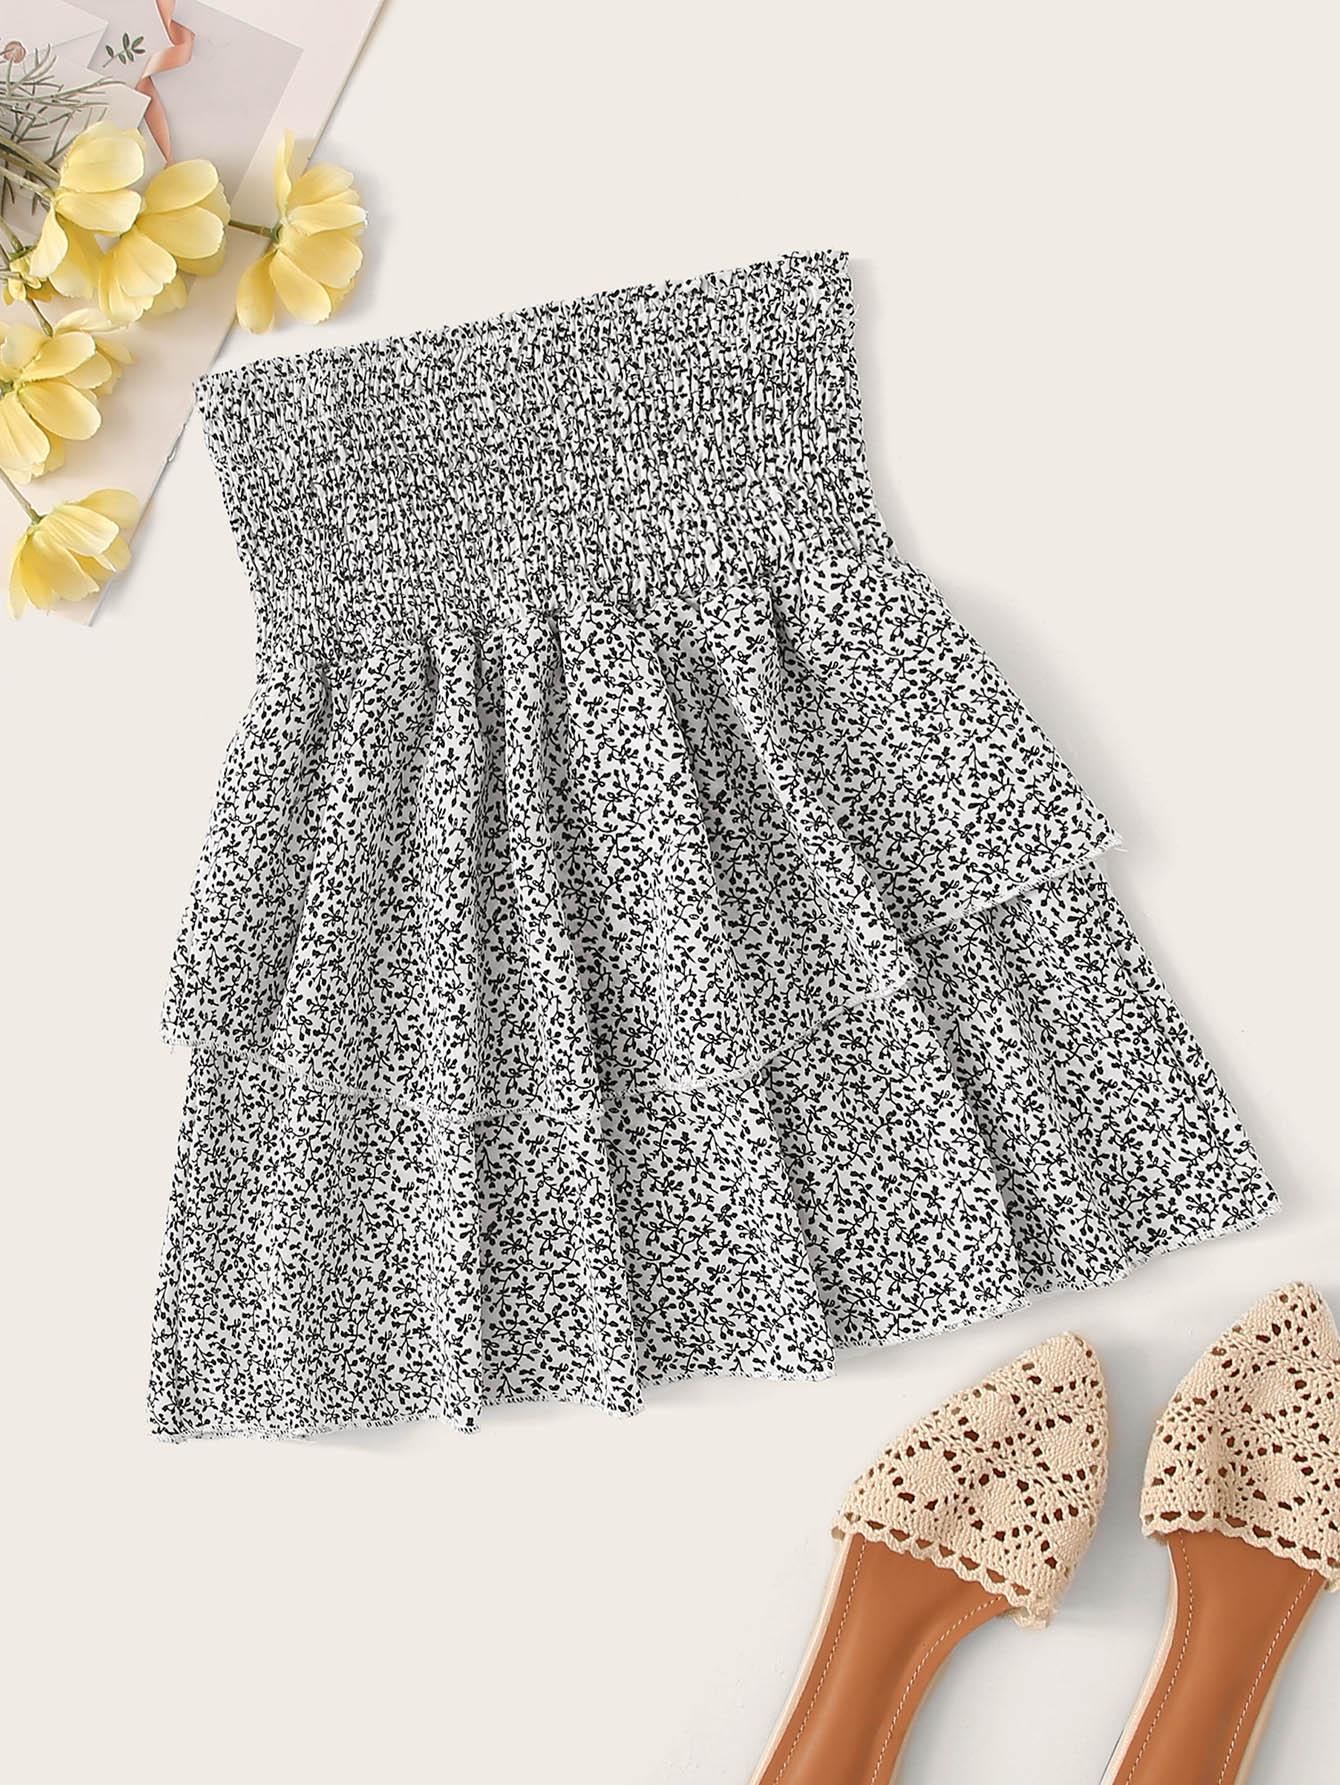 Фото 5 - Цветахаки Одноцветный Притягательный стиль Платья от SheIn цвет цветахаки